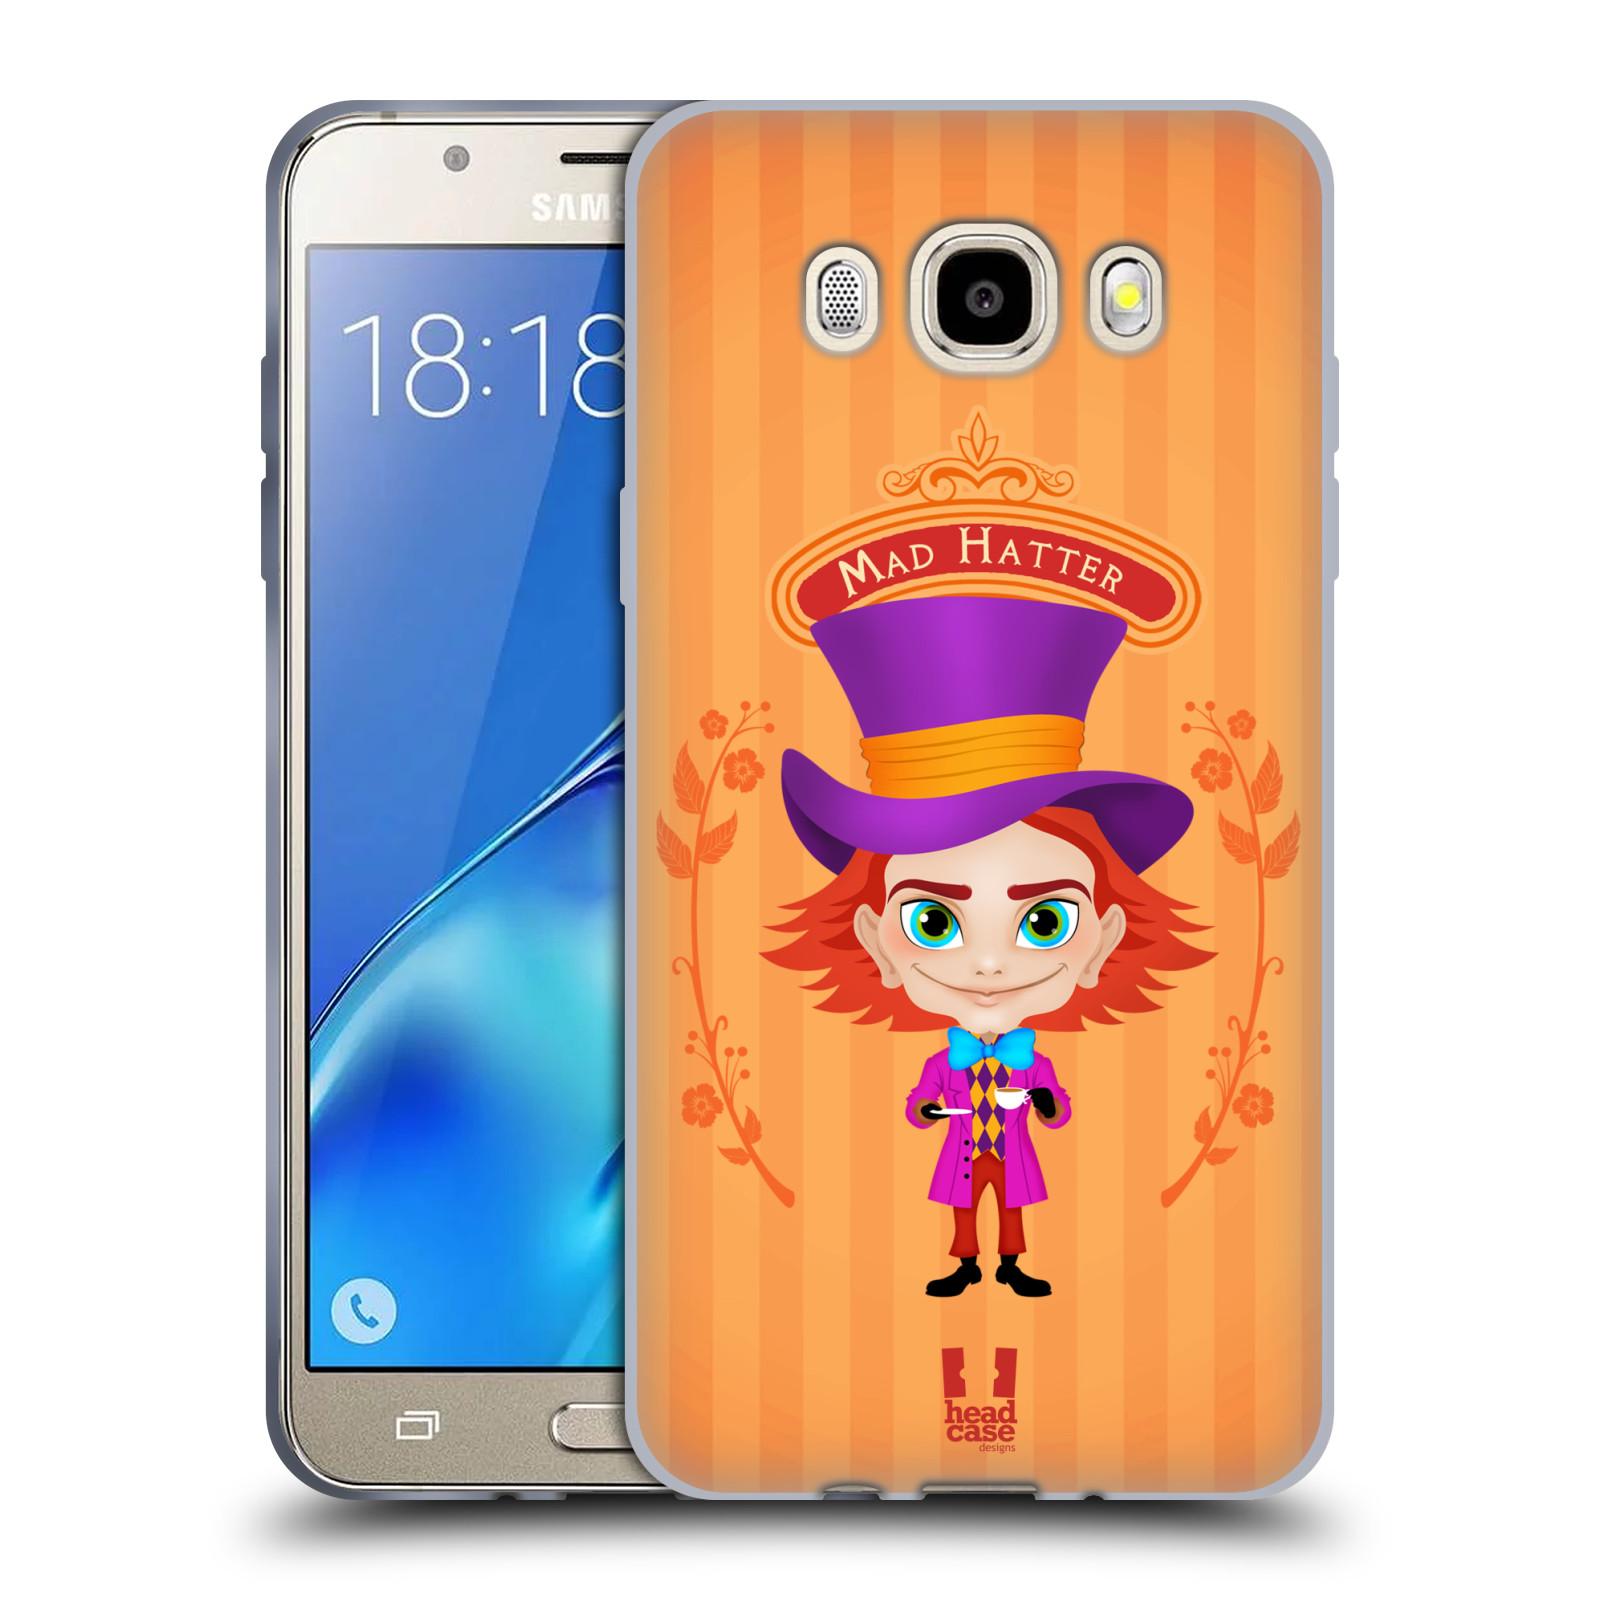 HEAD CASE silikonový obal, kryt na mobil Samsung Galaxy J5 2016, J510, J510F, (J510F DUAL SIM) vzor Alenka v říši divů buřinka